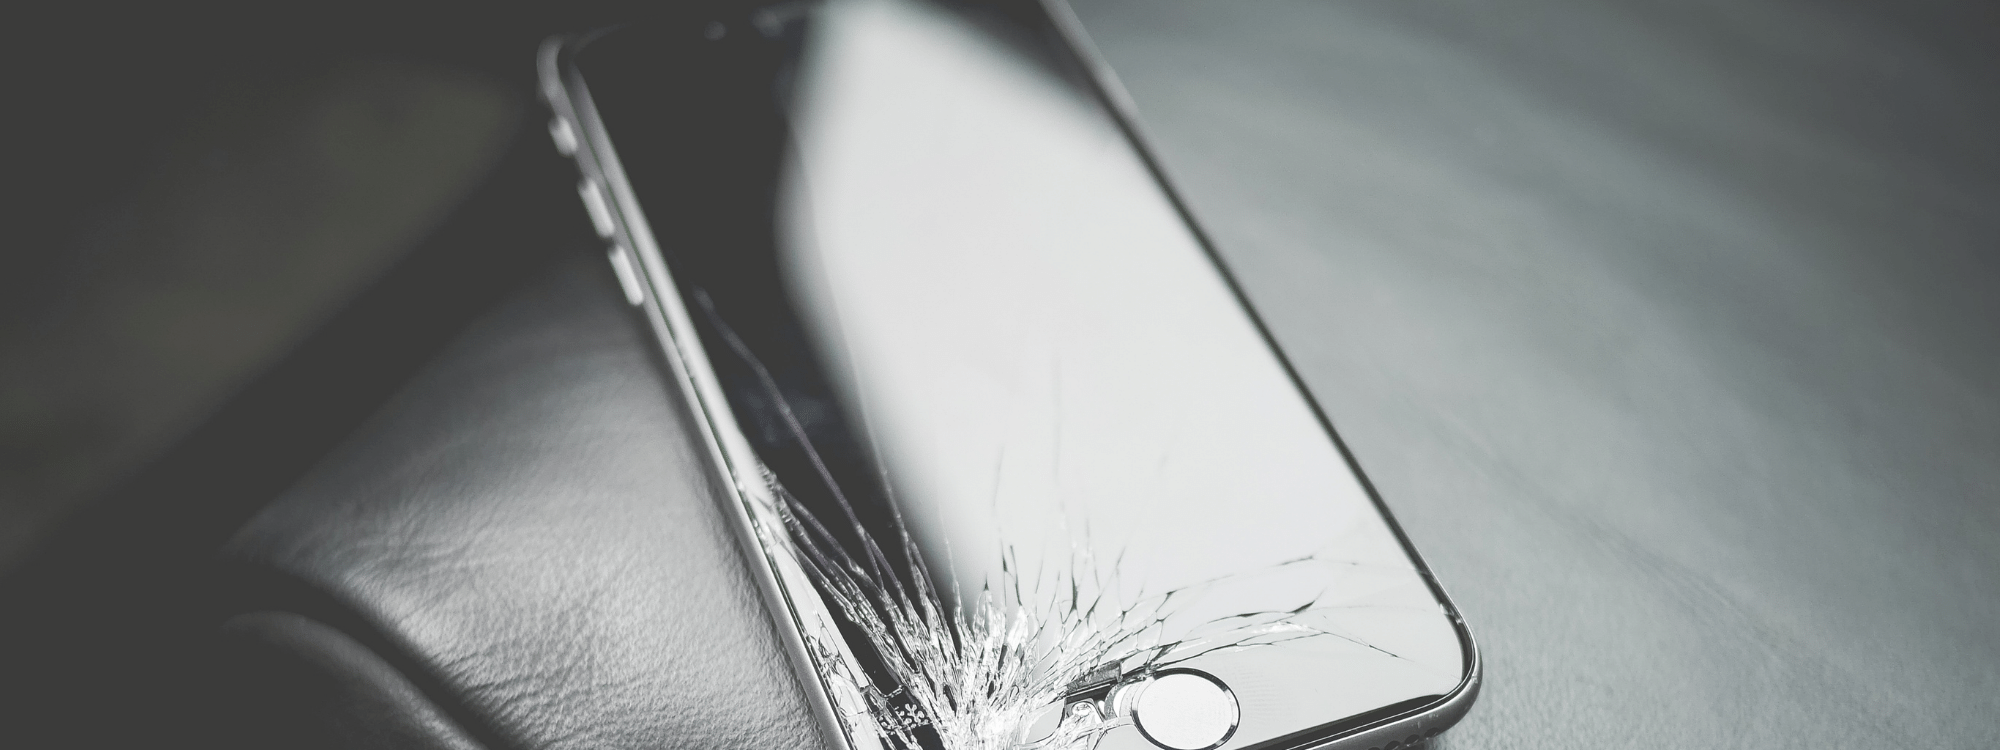 ei-vahvennettu kännykkä jossa rikkinäinen näyttö